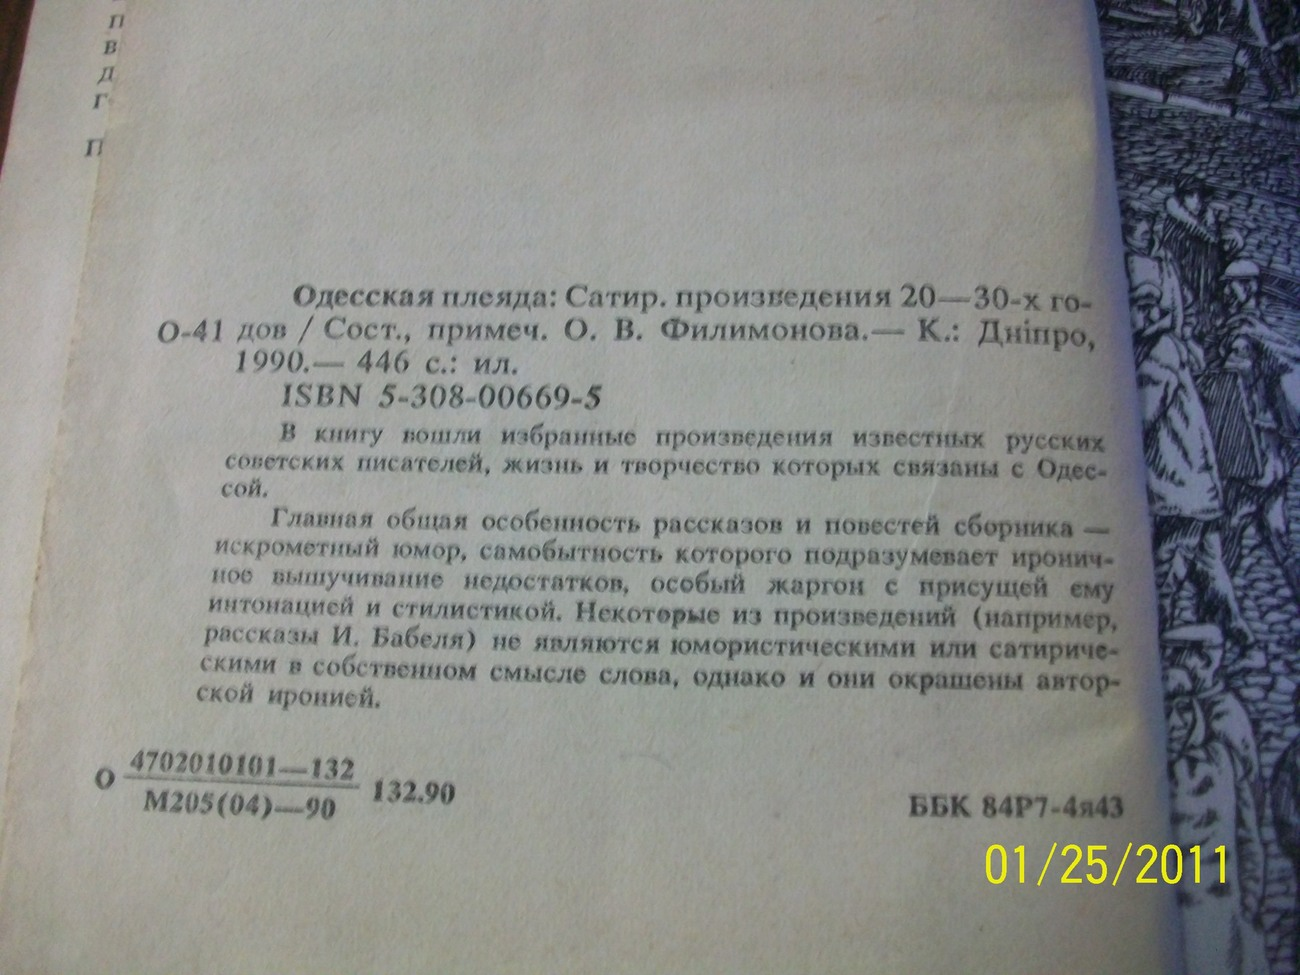 Одесская плеяда, СатиÑ